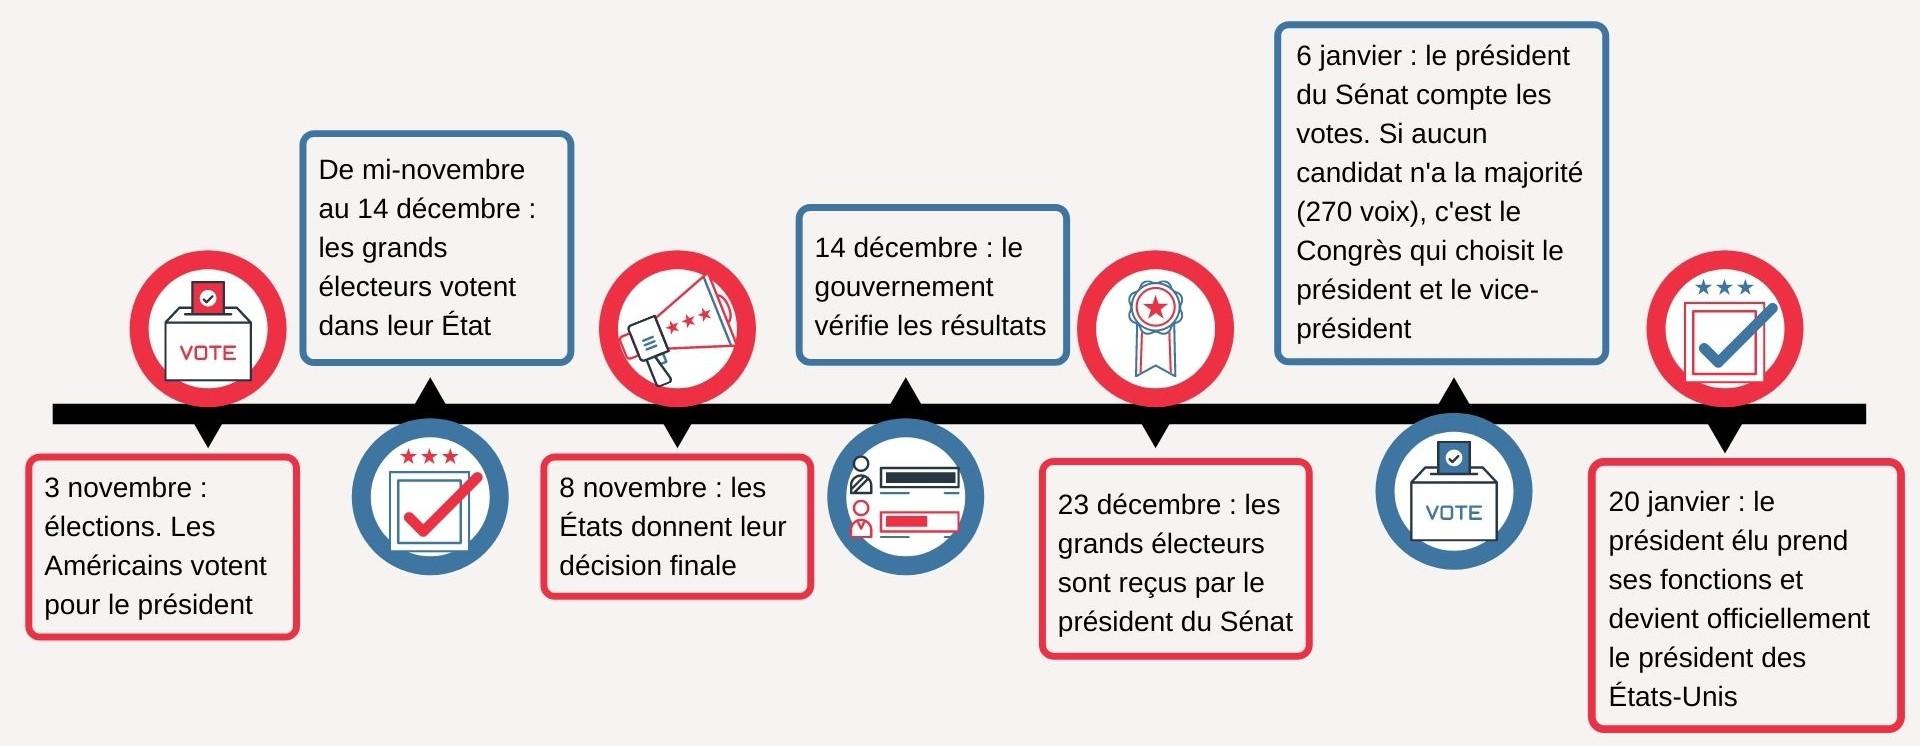 frise chronologique elections etats unis